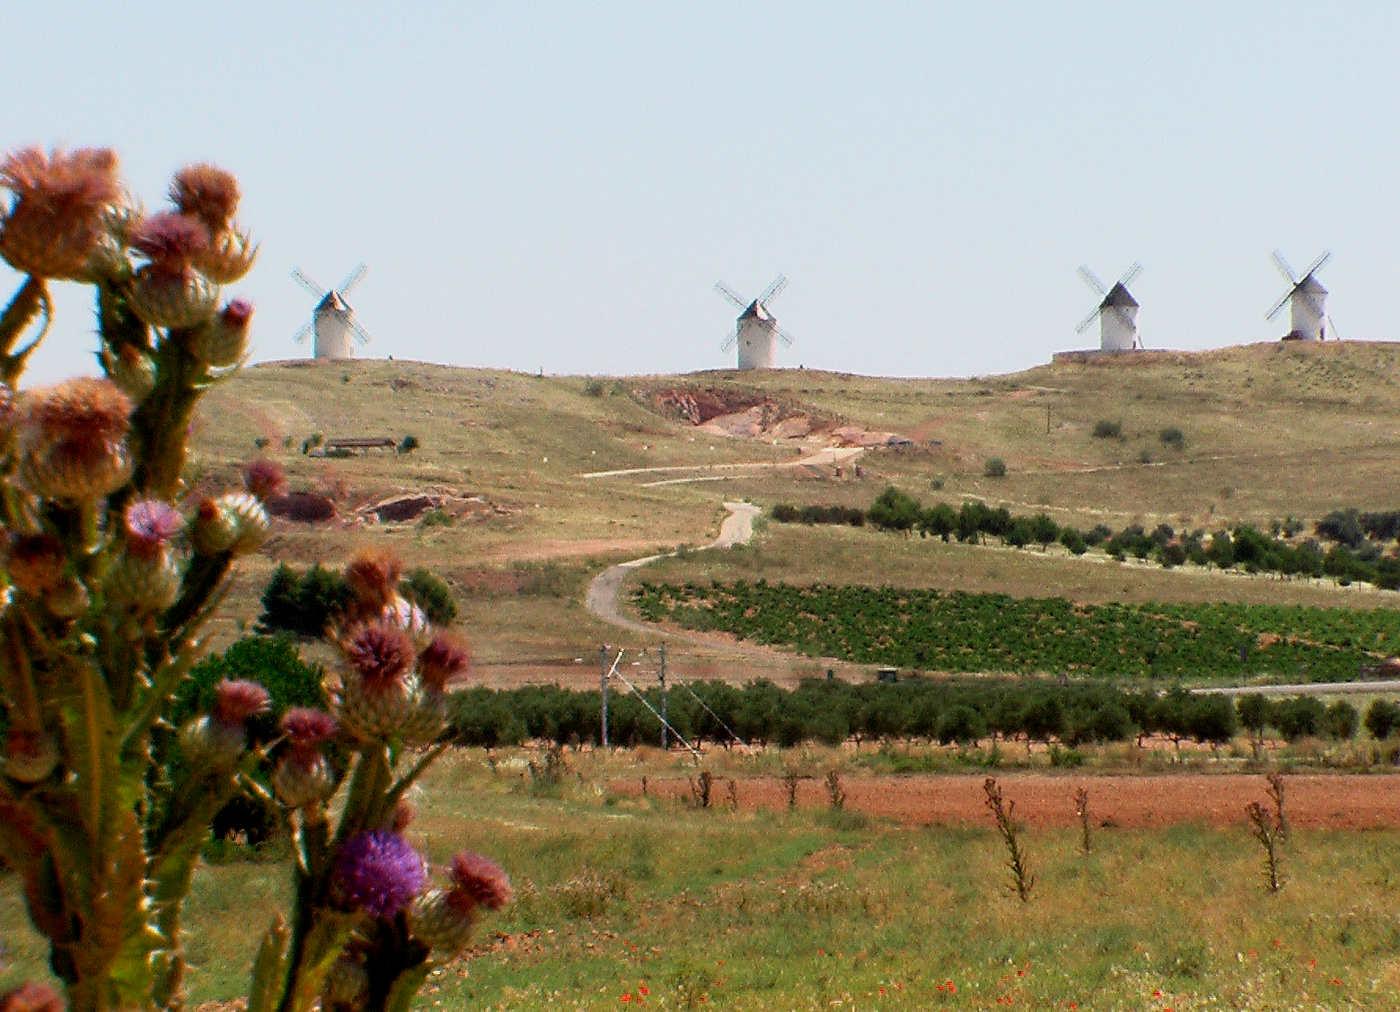 Windmühlen in La Mancha, Spanien